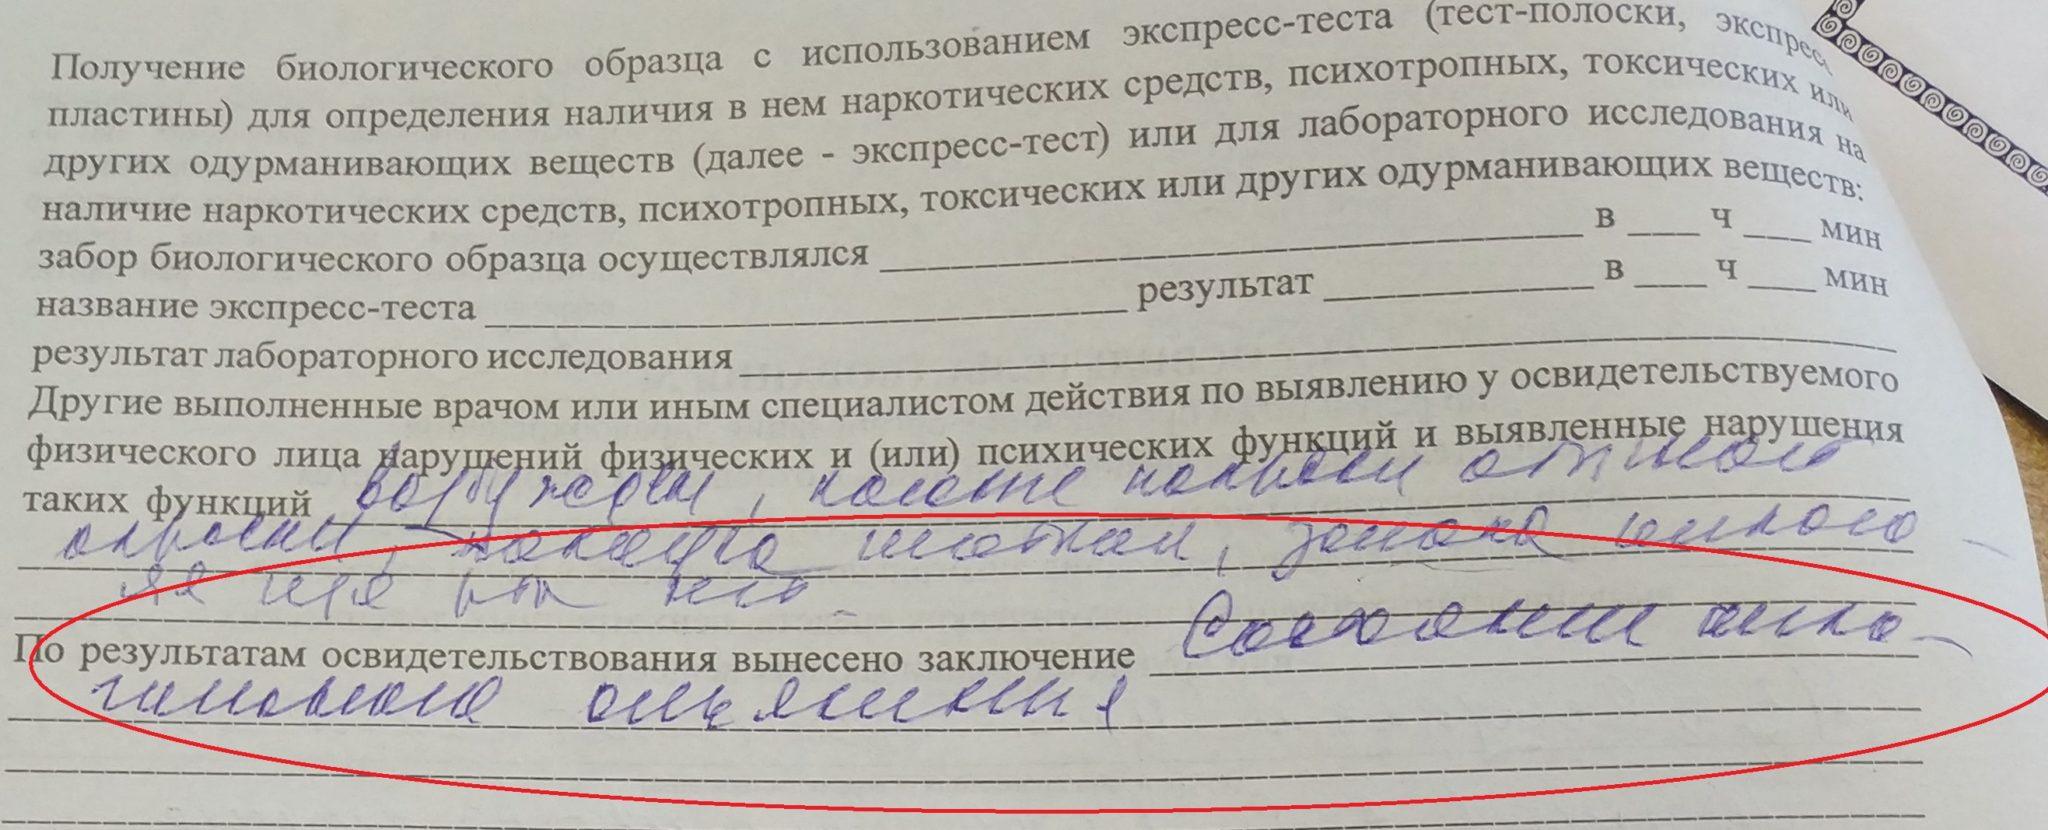 состояние алкогольного опьянения по ст.18.16 КоАП